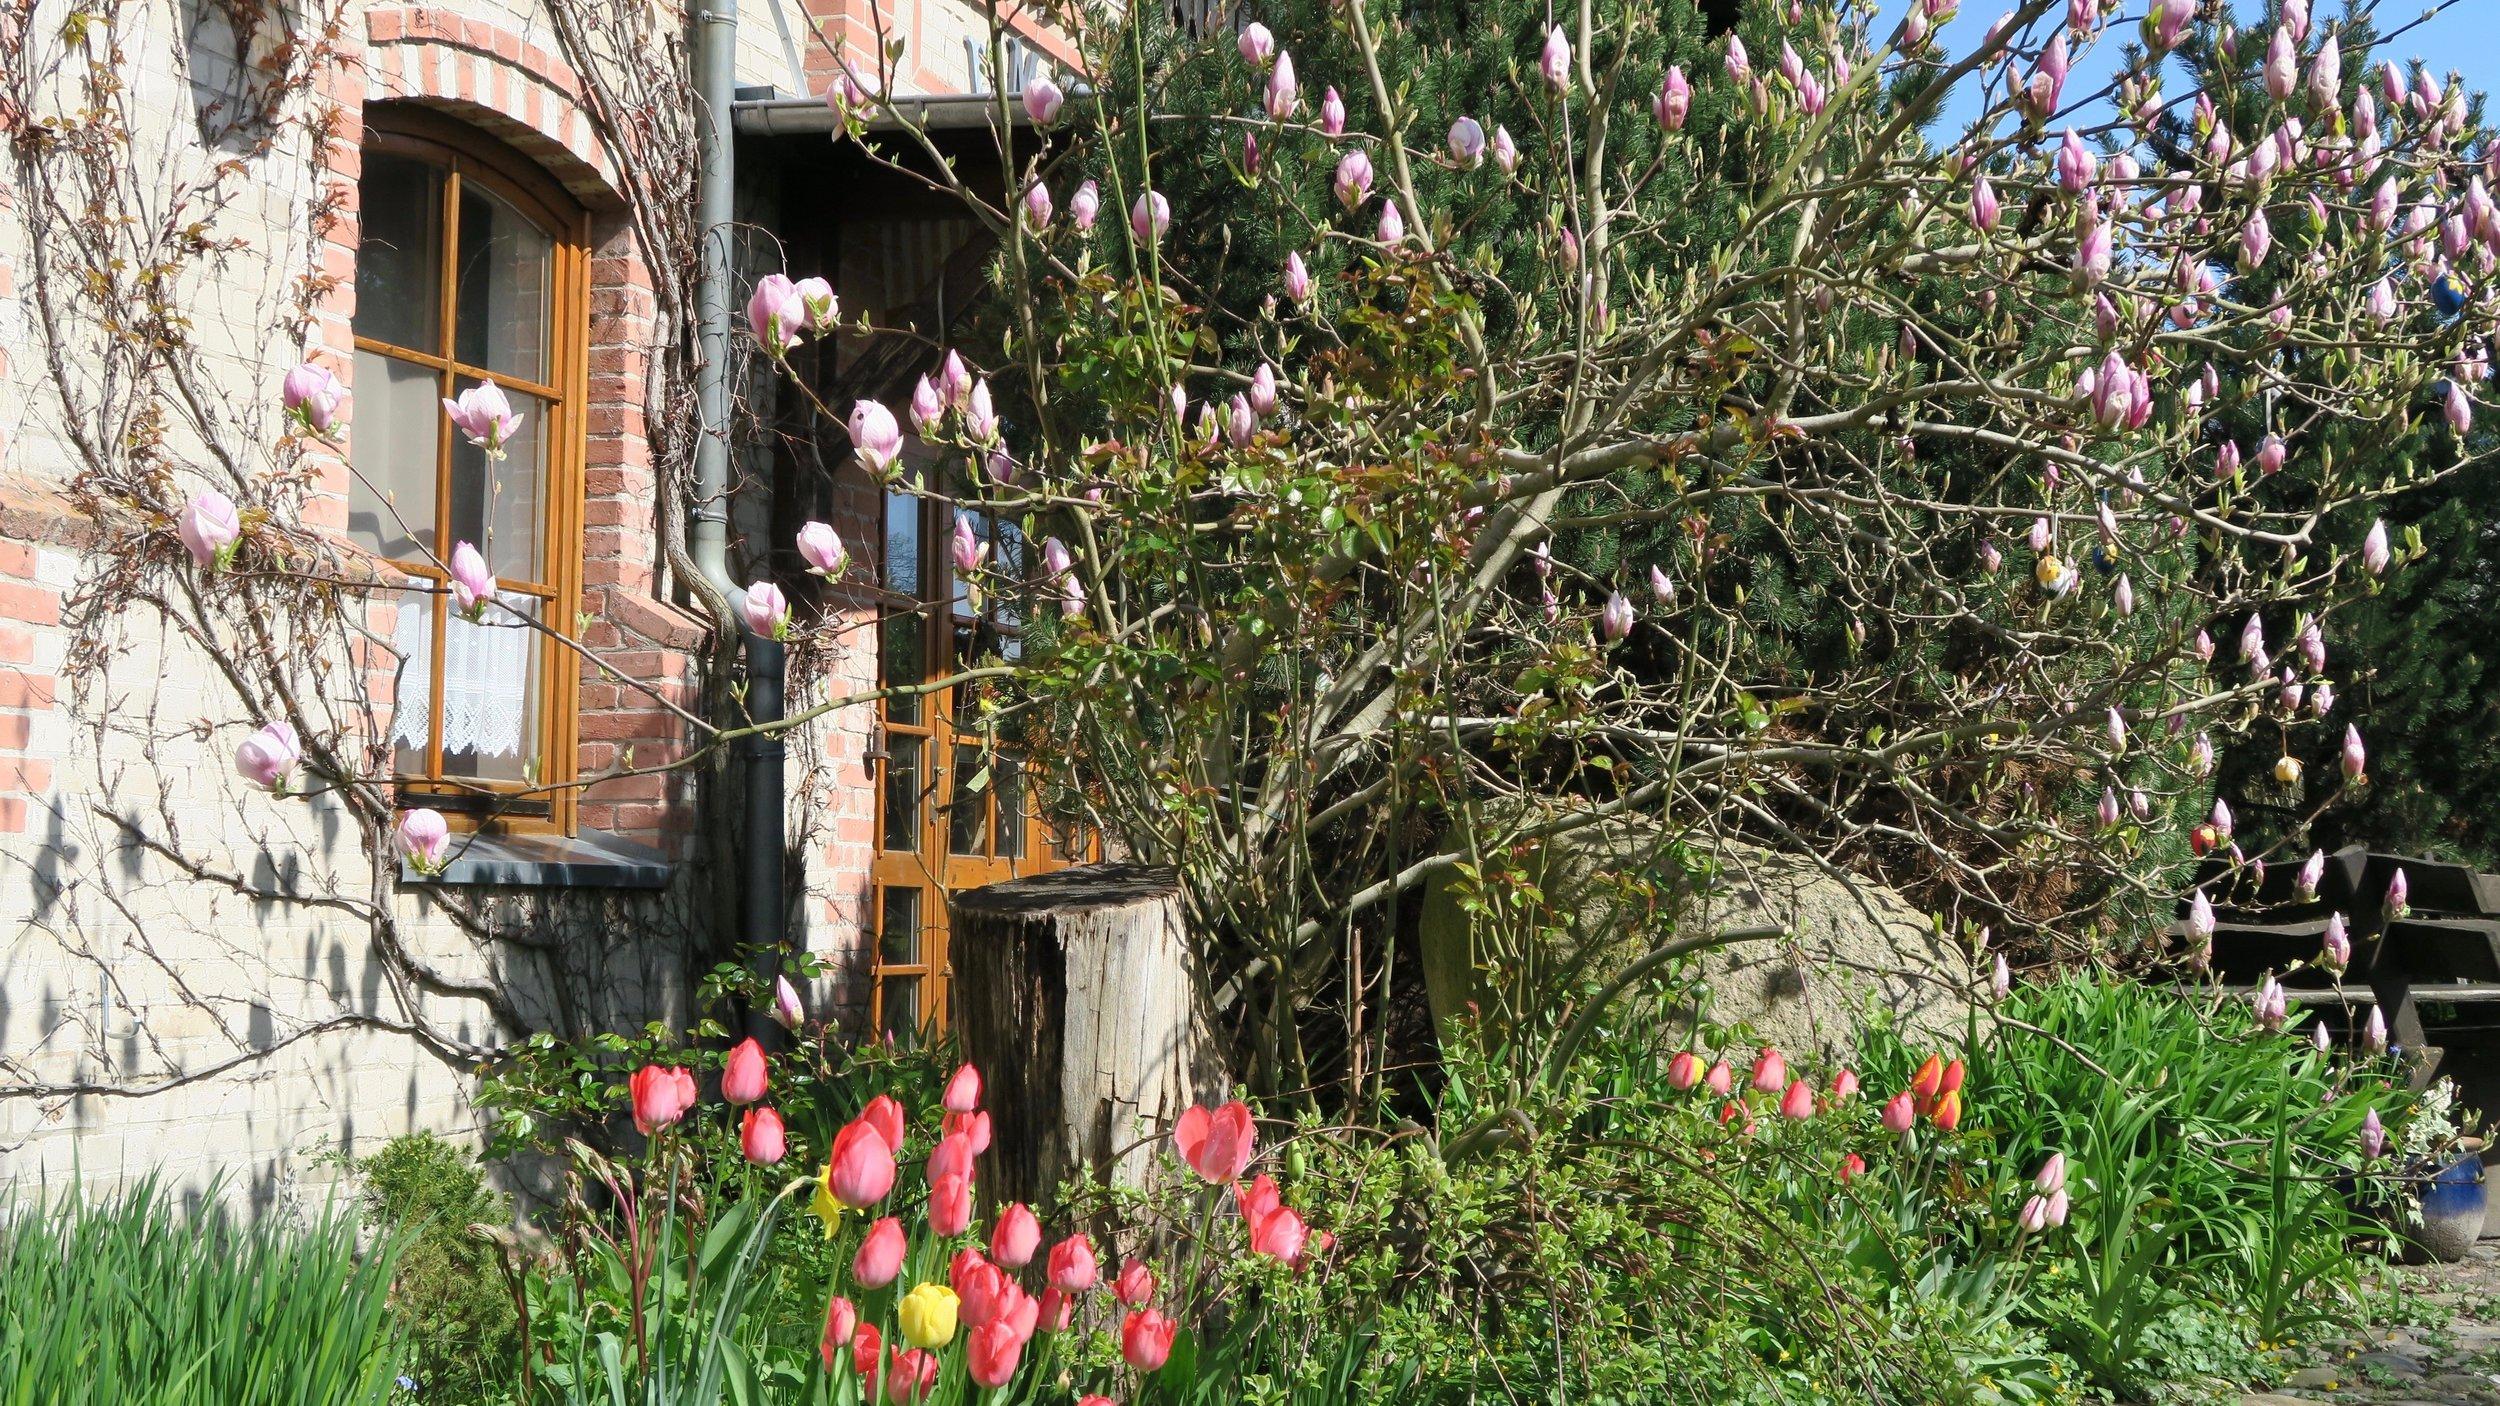 Urlaub Ostsee Pension Schmelzer Galerie 26 Ostern, Blumen, Frühling.jpg